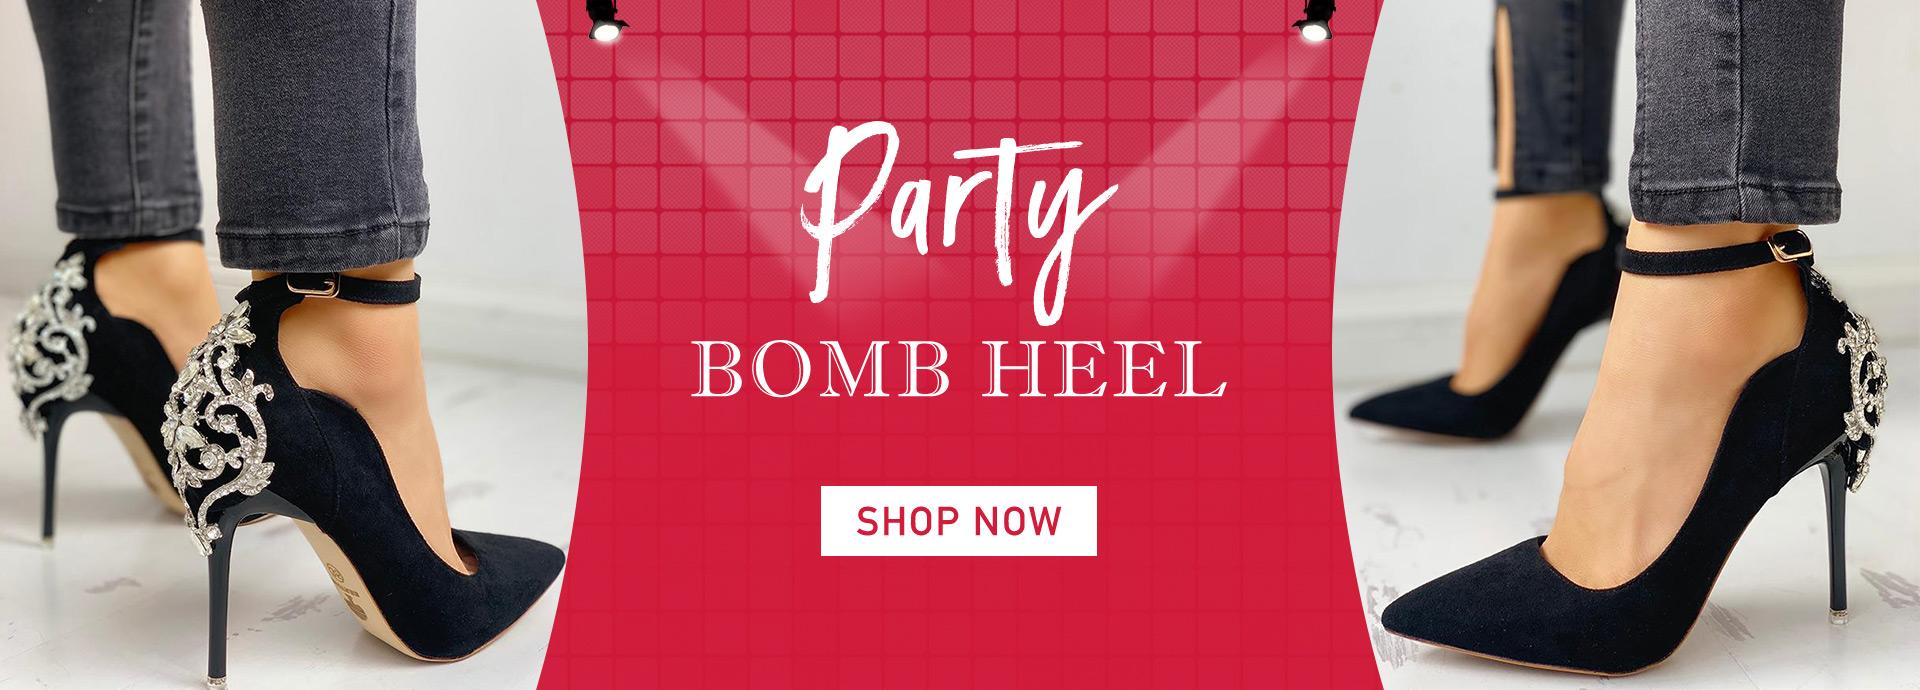 Party Bomb Heel